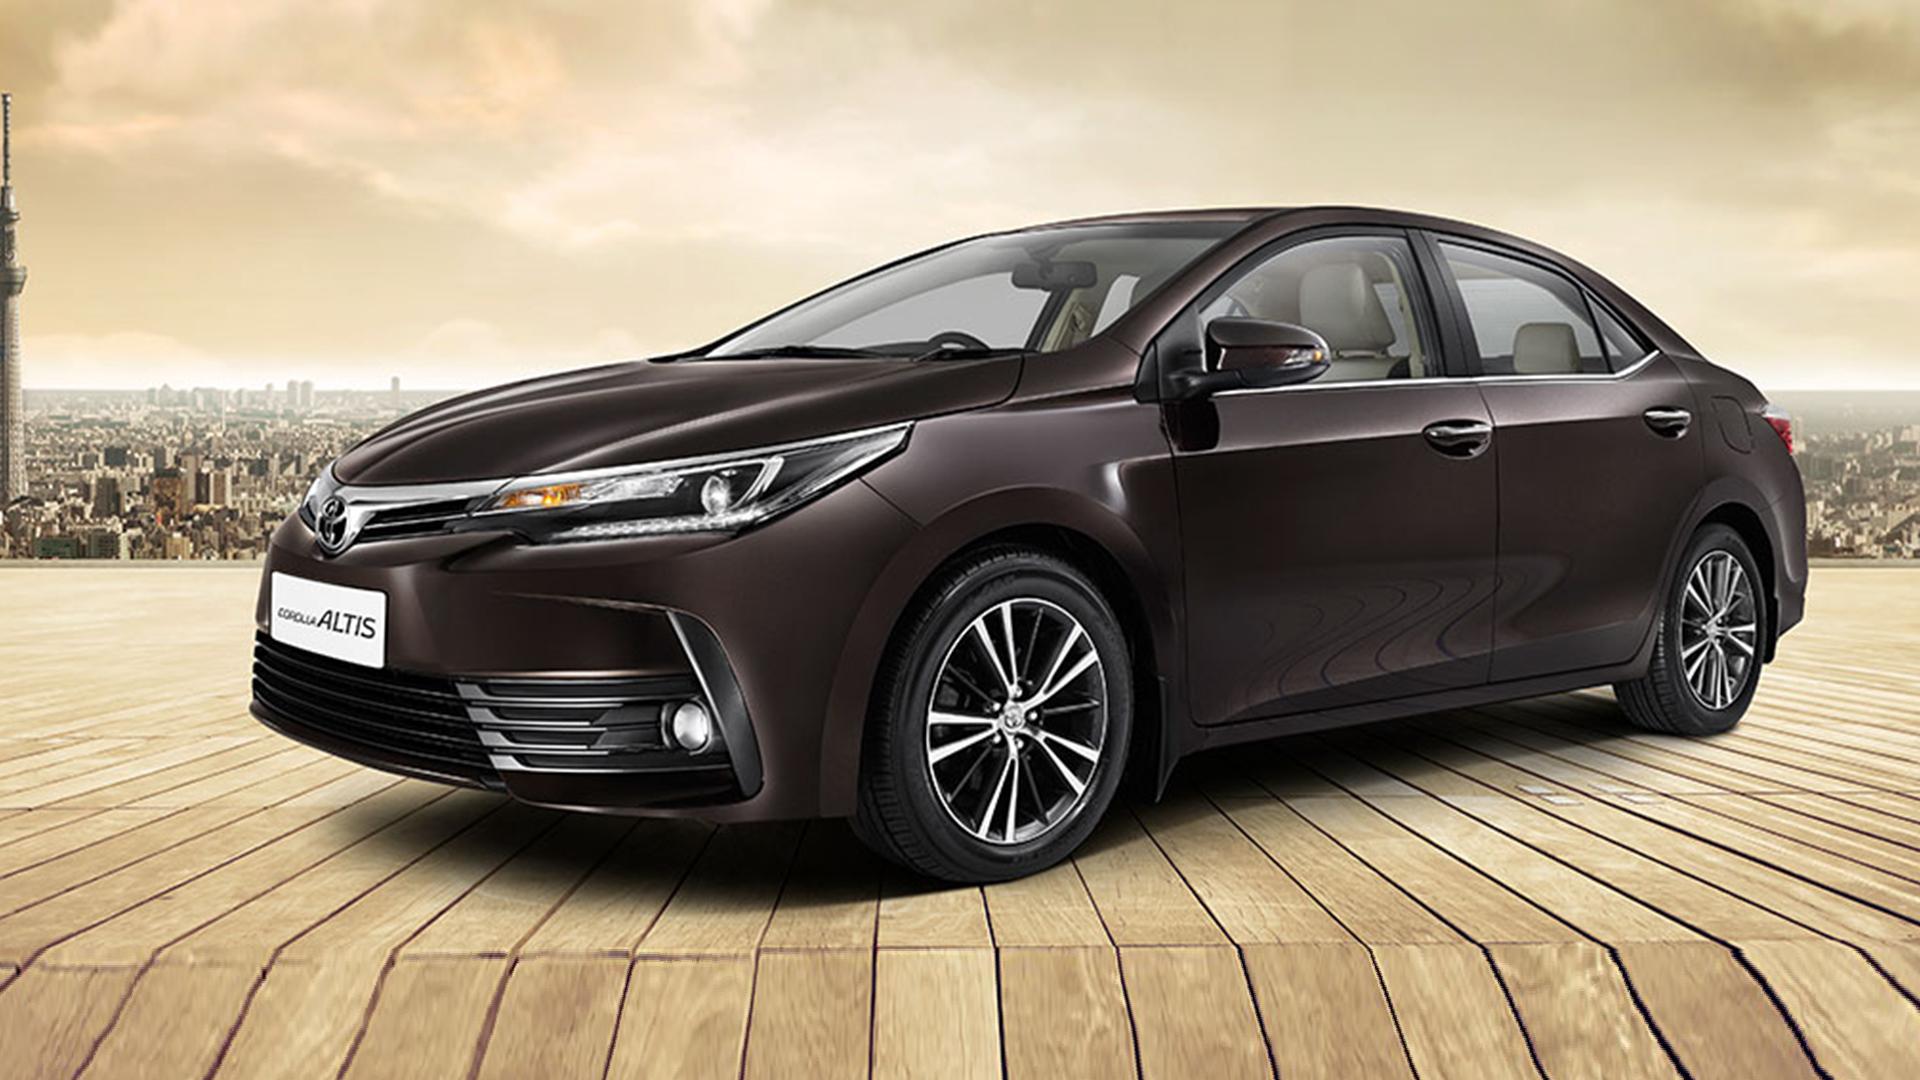 Toyota Corolla Altis 2017 G - Price, Mileage, Reviews ...